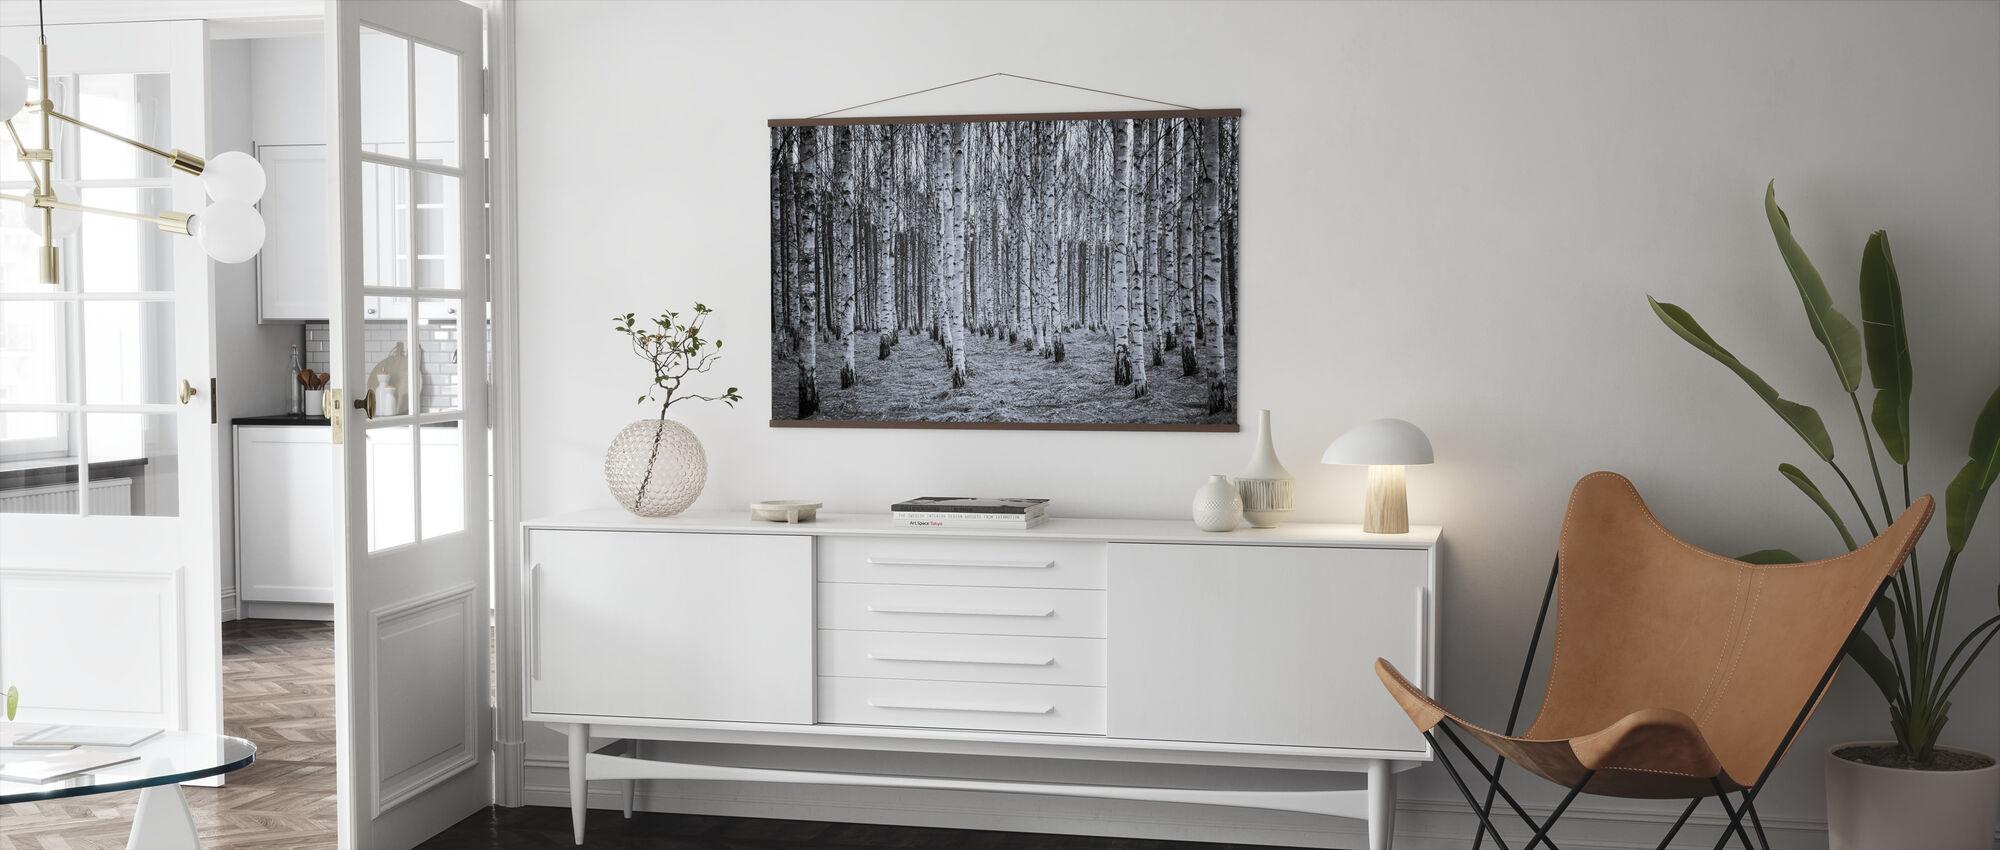 Birch Forest Black & White - Poster - Living Room